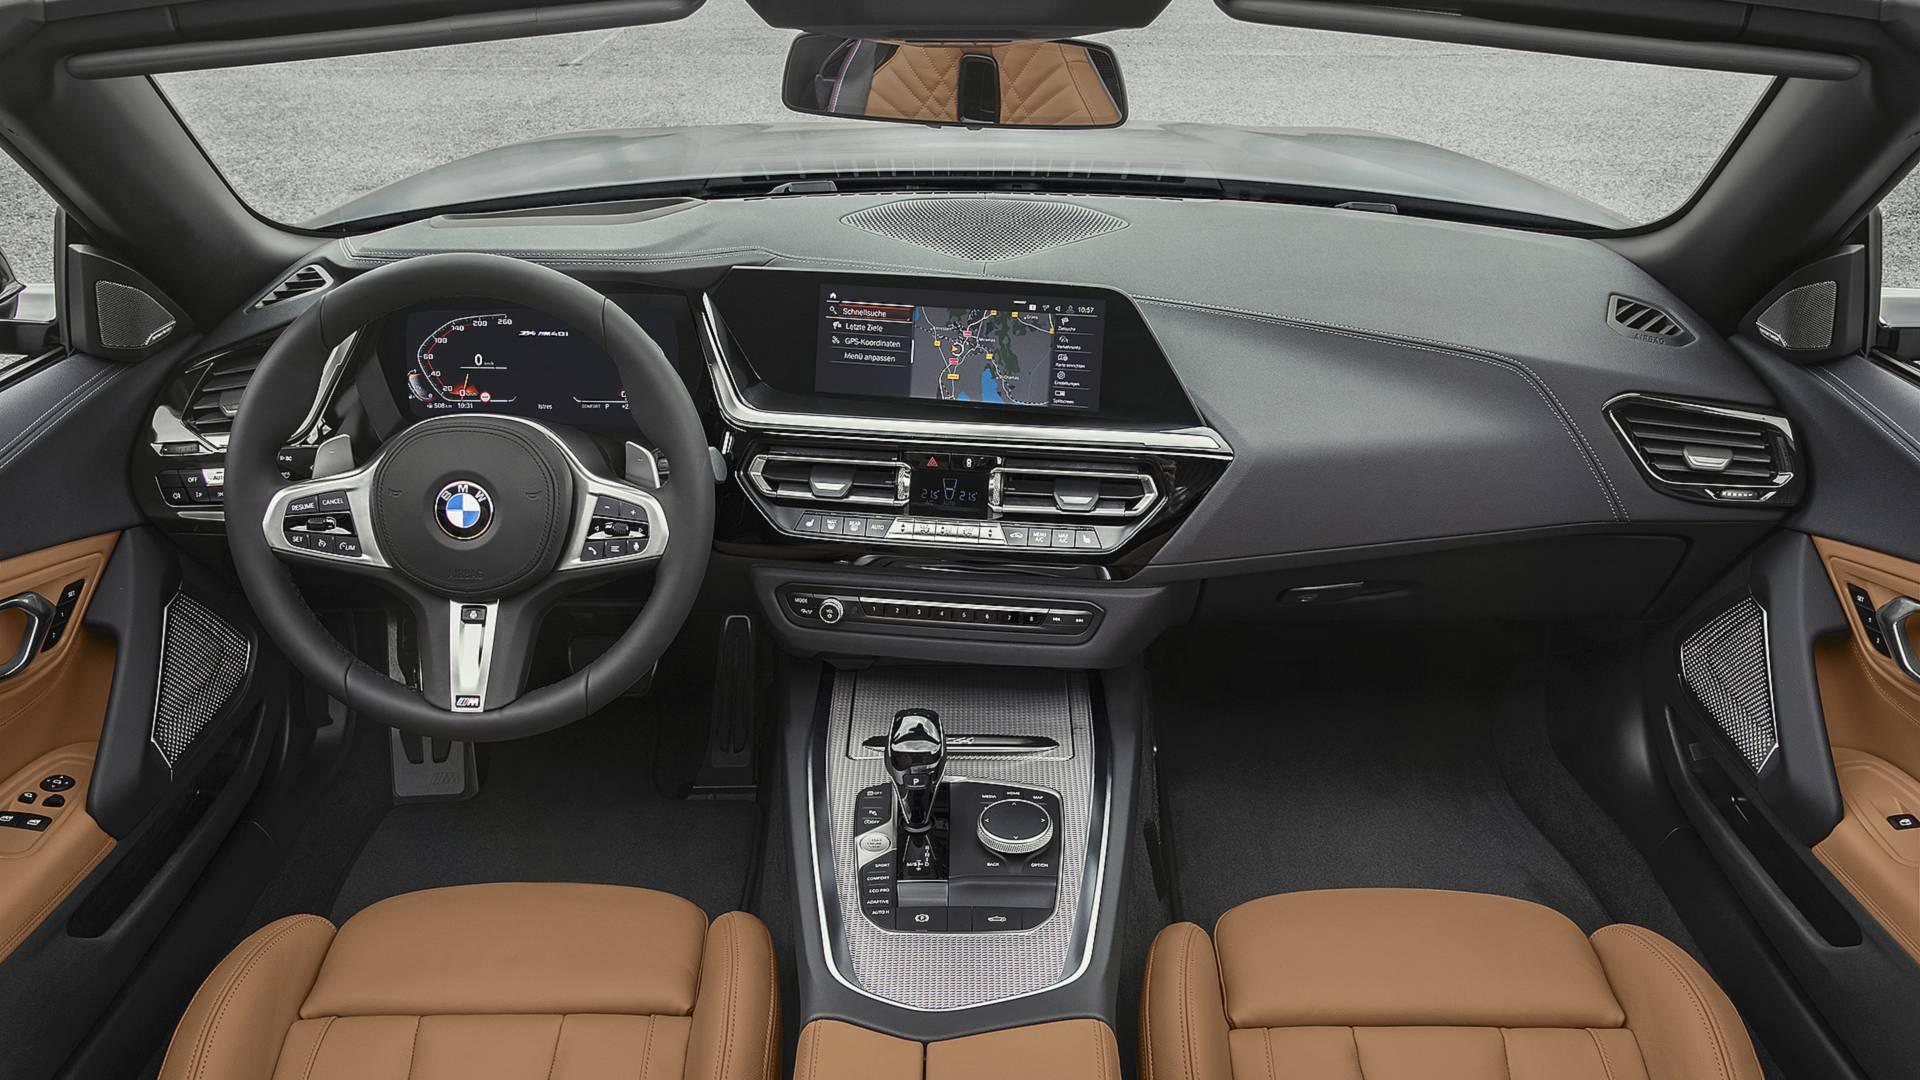 BMW Z4. Foto: Divulgação